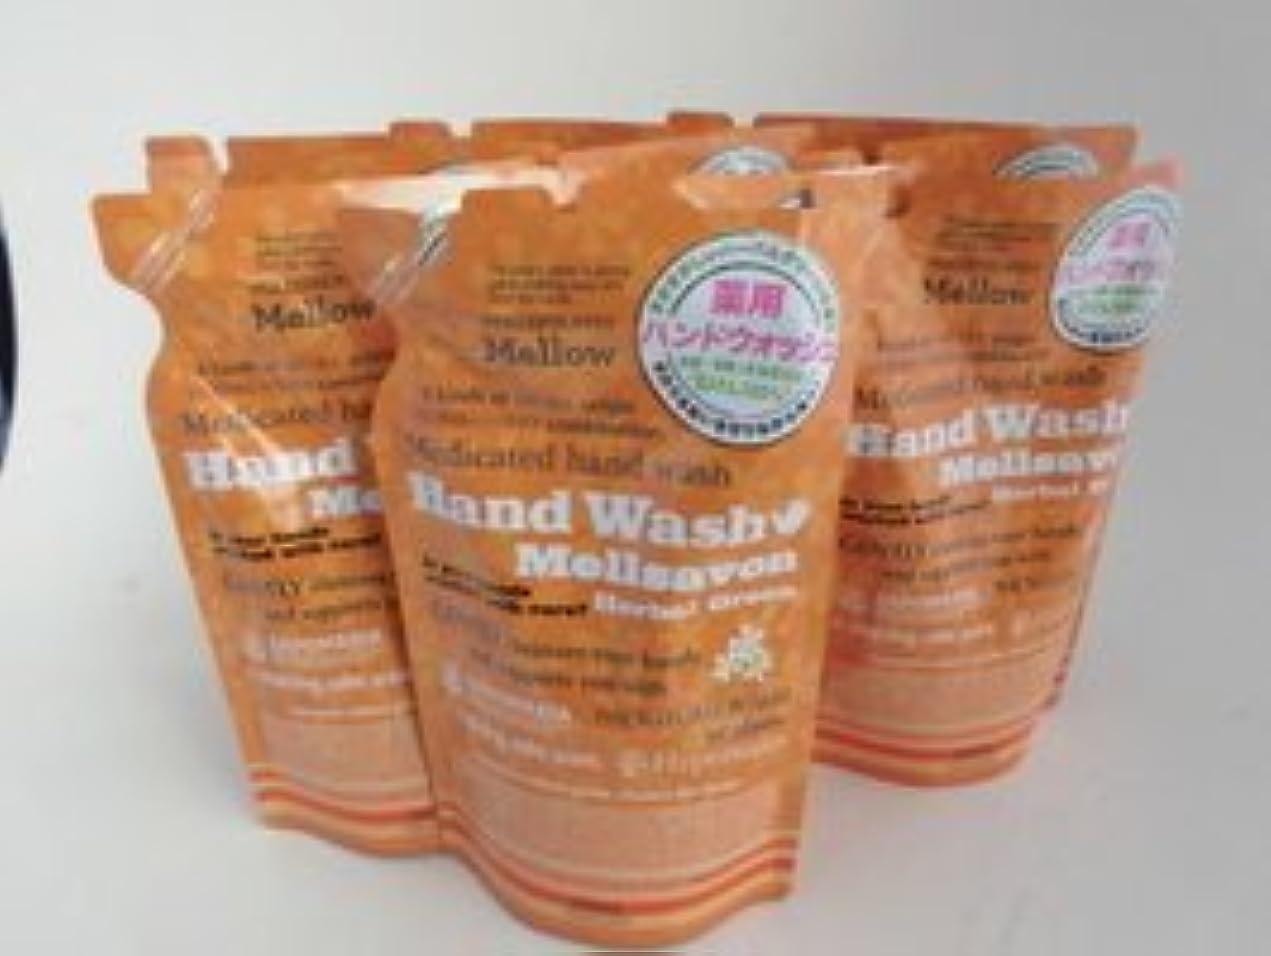 進捗湿った約束する【24袋セット】メルサボン ハンドウォッシュ 詰替(200ml) ハーバルグリーン 新品 24袋セット